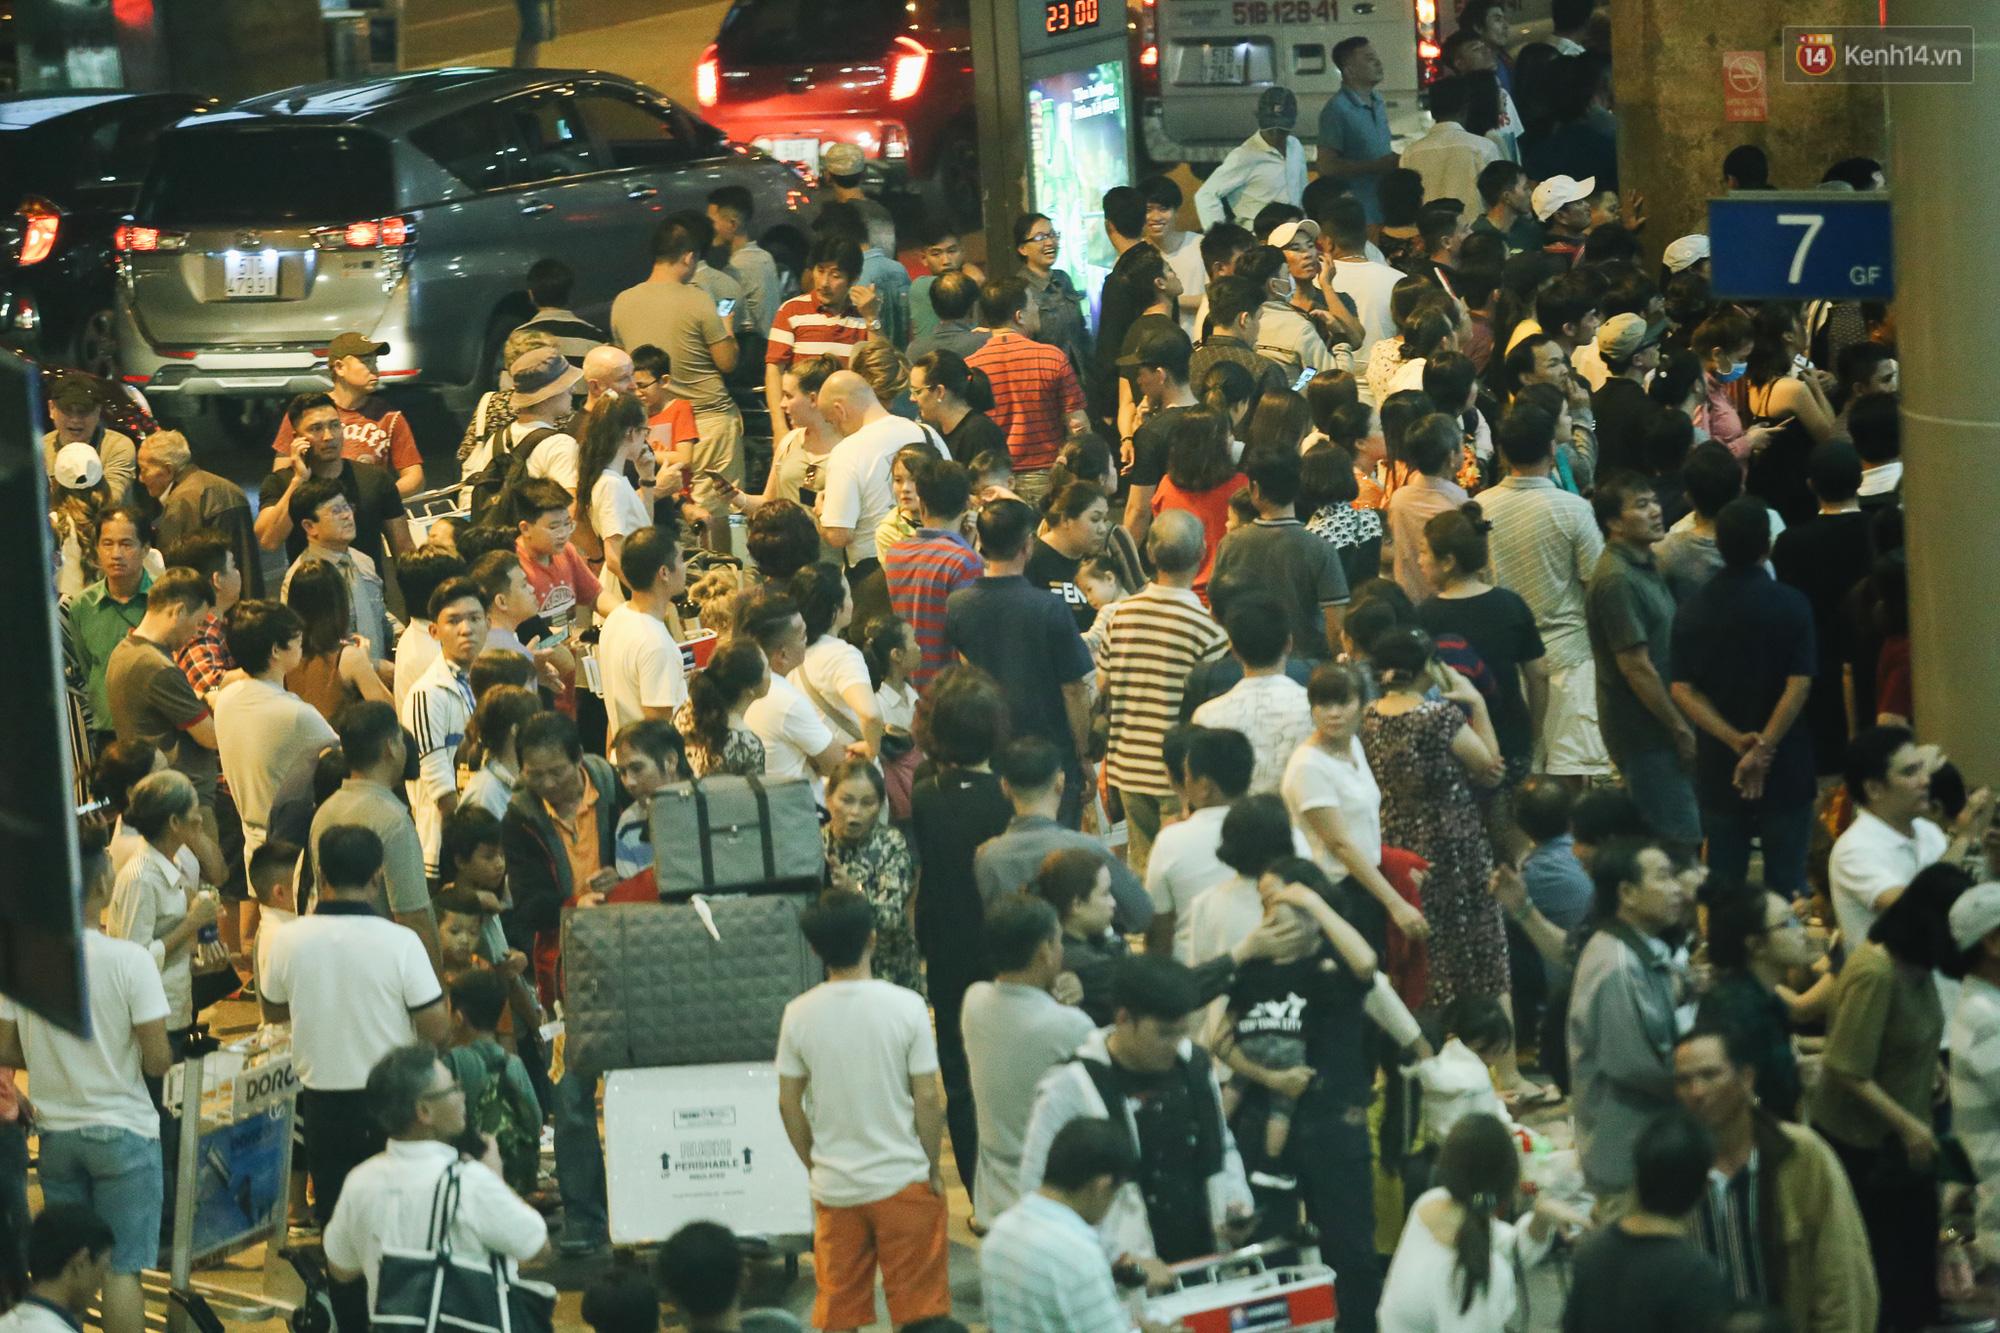 Chùm ảnh: Hình ảnh trái ngược ở ga quốc tế Tân Sơn Nhất trong năm nay và năm trước dịp gần Tết Nguyên đán - Ảnh 3.